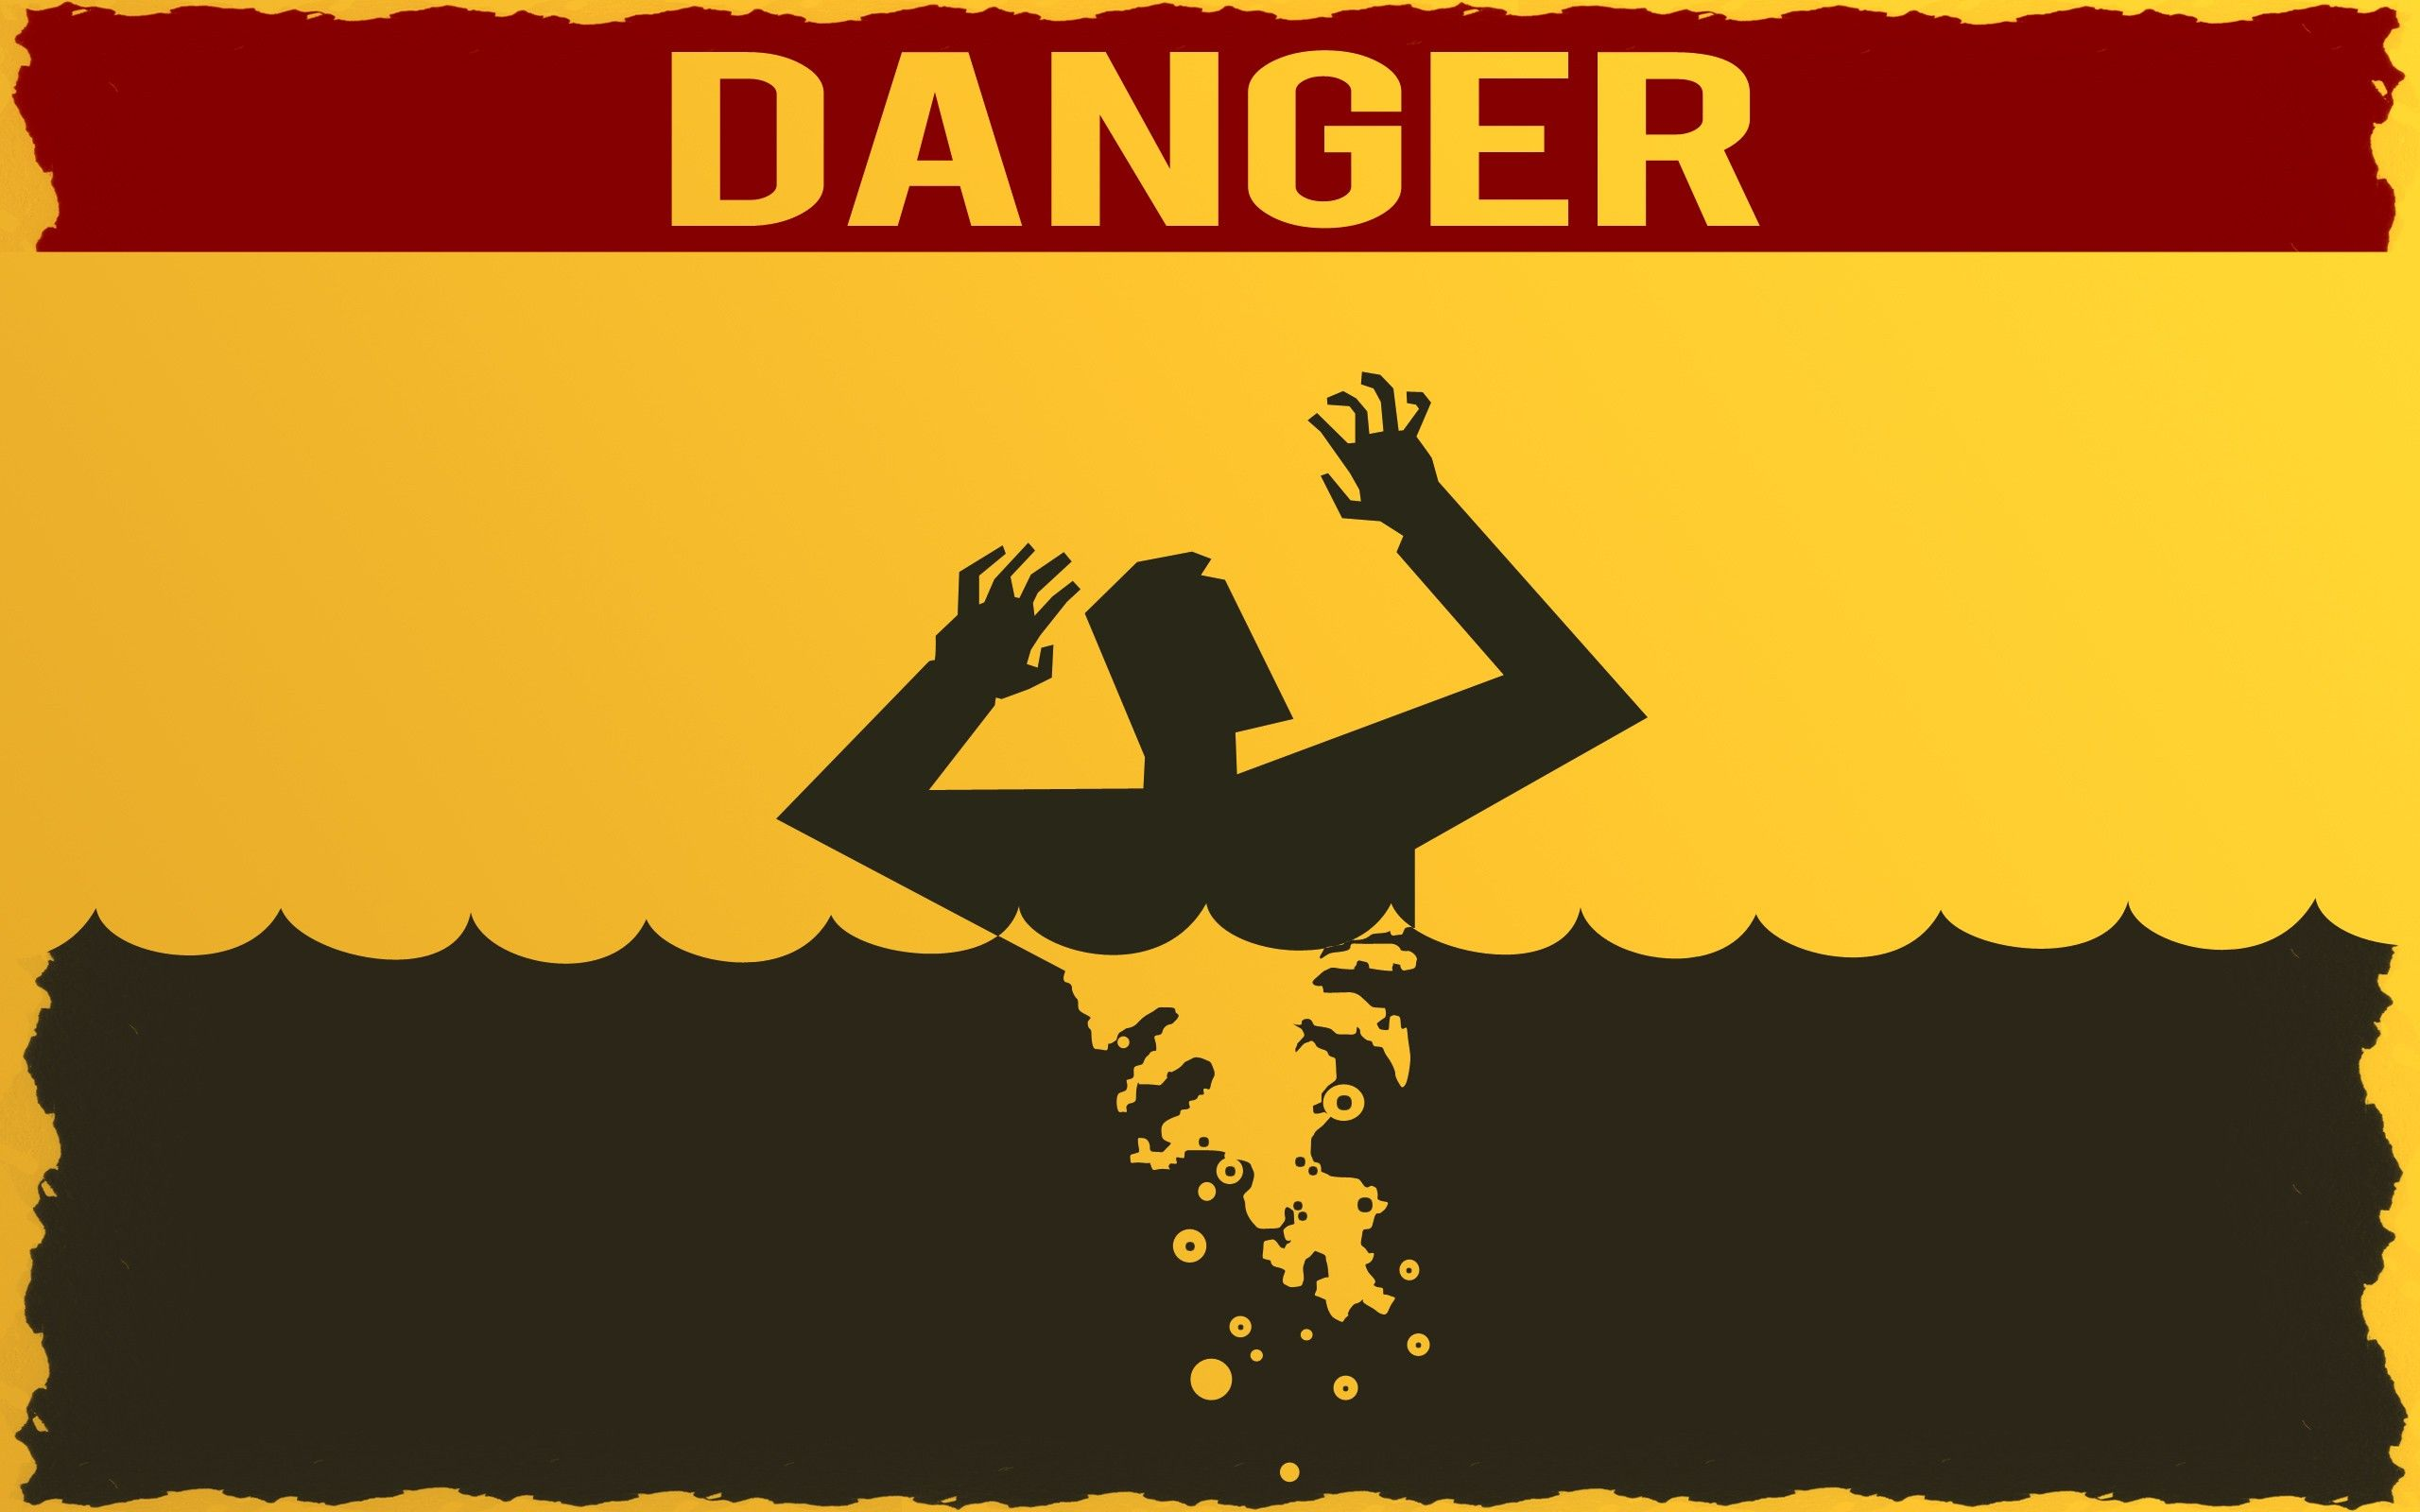 Hình nền khoa học, nguy hiểm 2560x1600